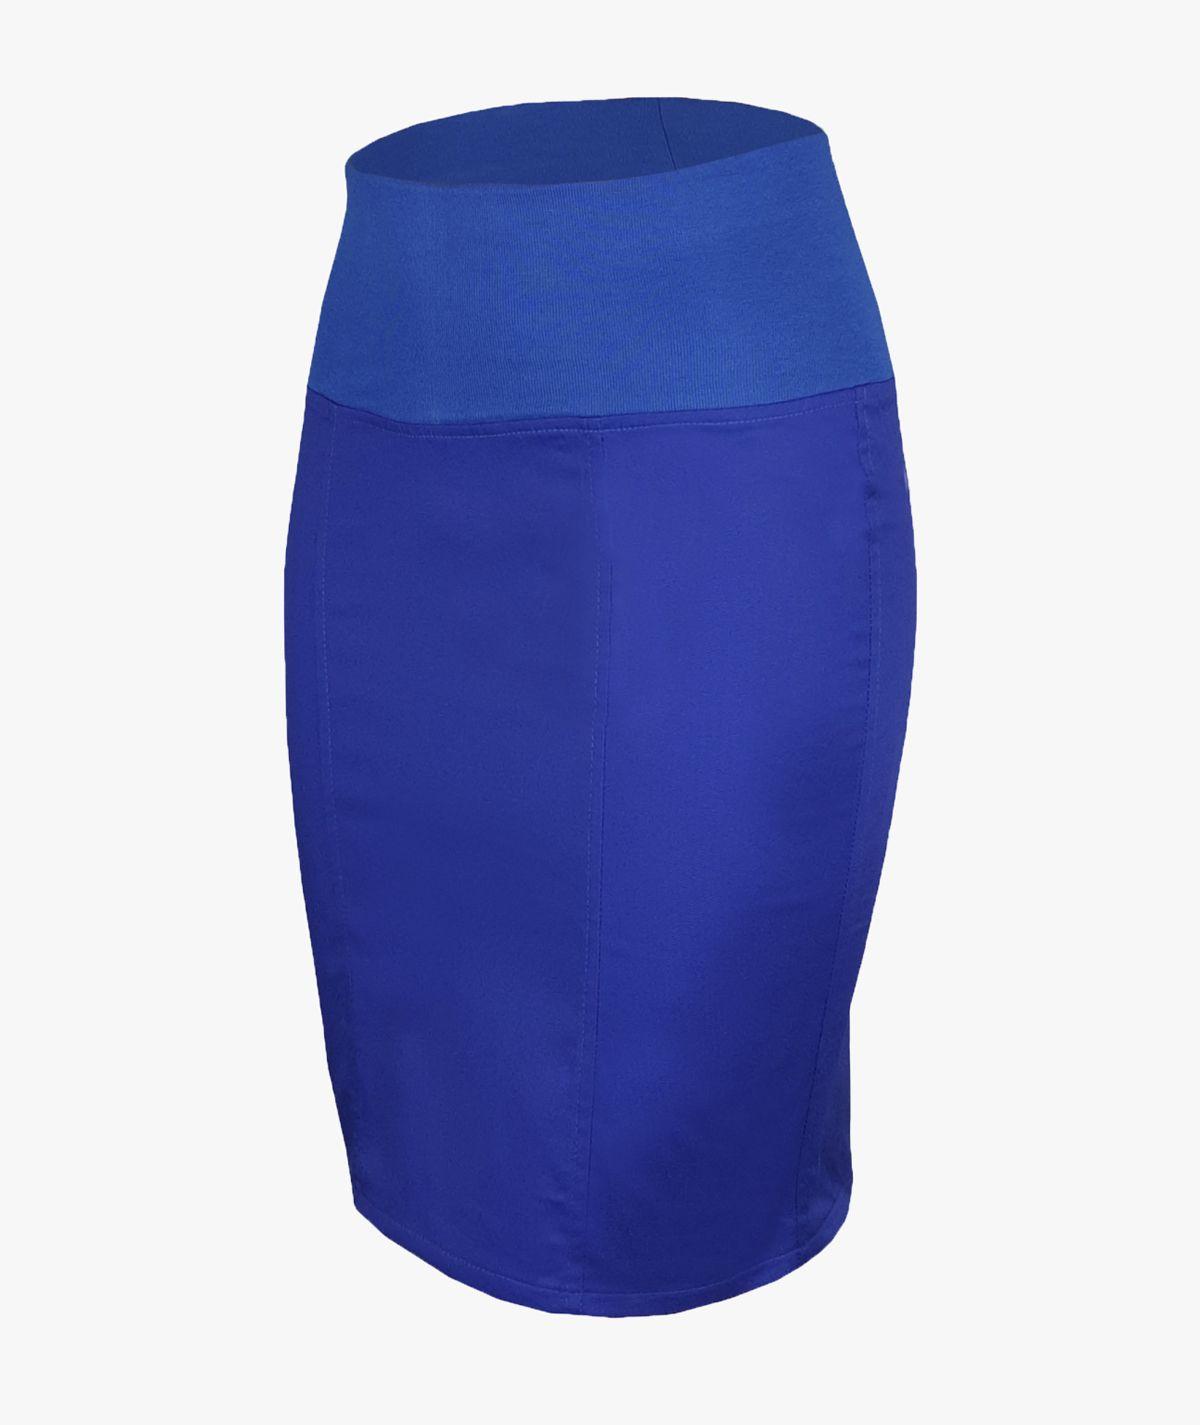 Szafirowa spódnica FLEXY medyczna ze ściągaczem